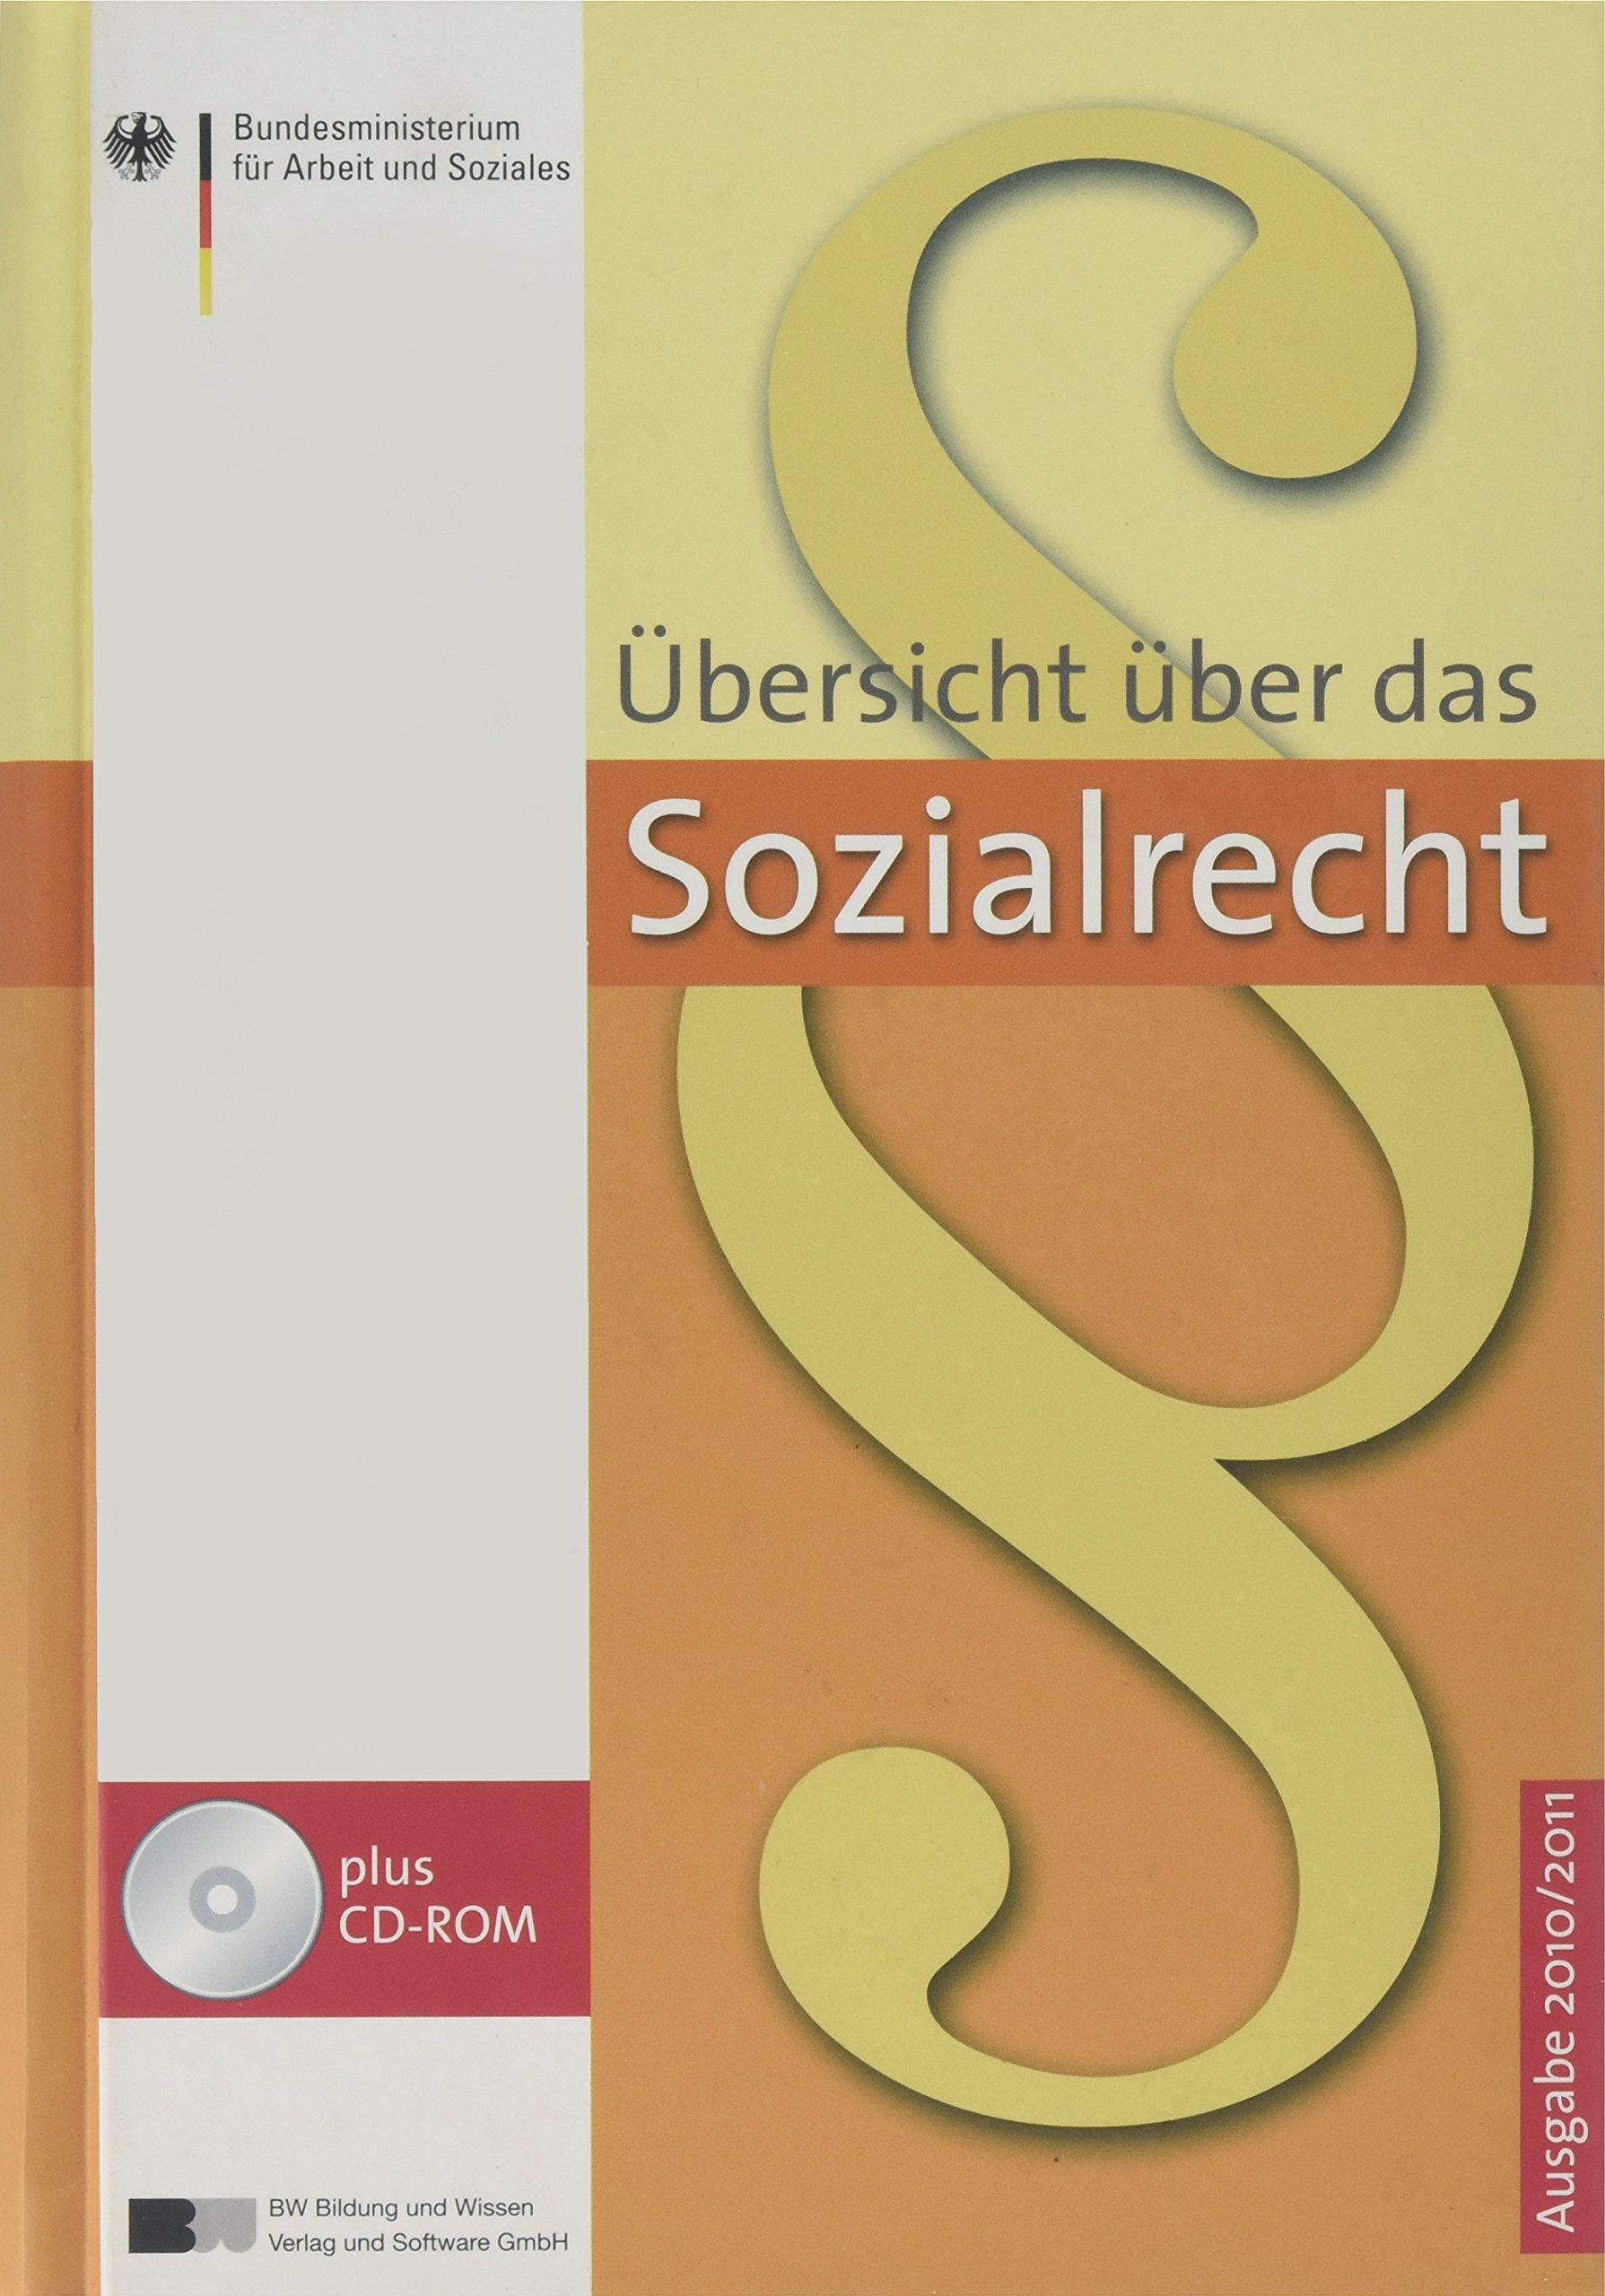 Übersicht über das Sozialrecht 2010/2011